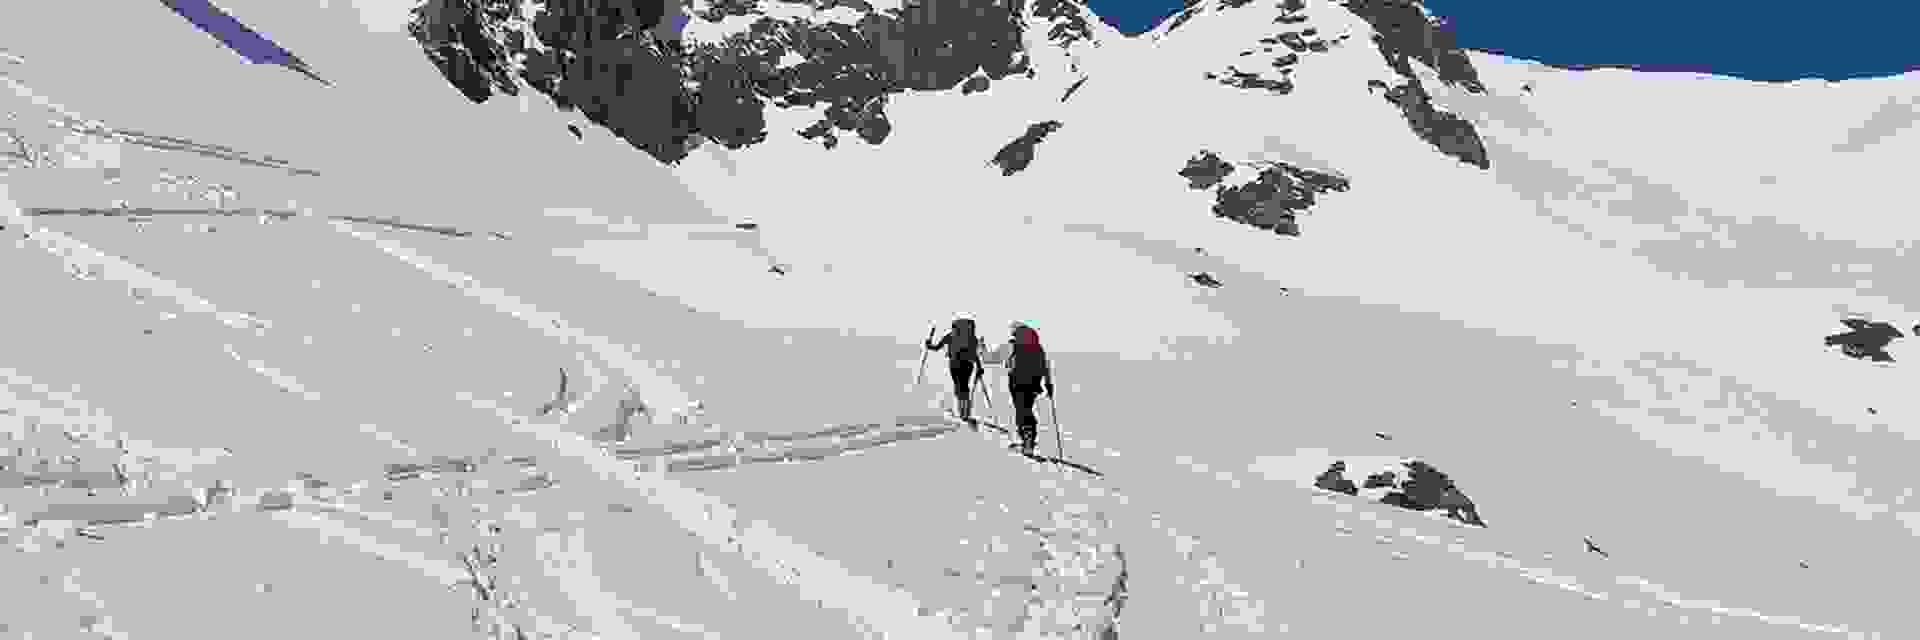 2 Skitourer in einer weiten Schneelandschaft unterwegs.